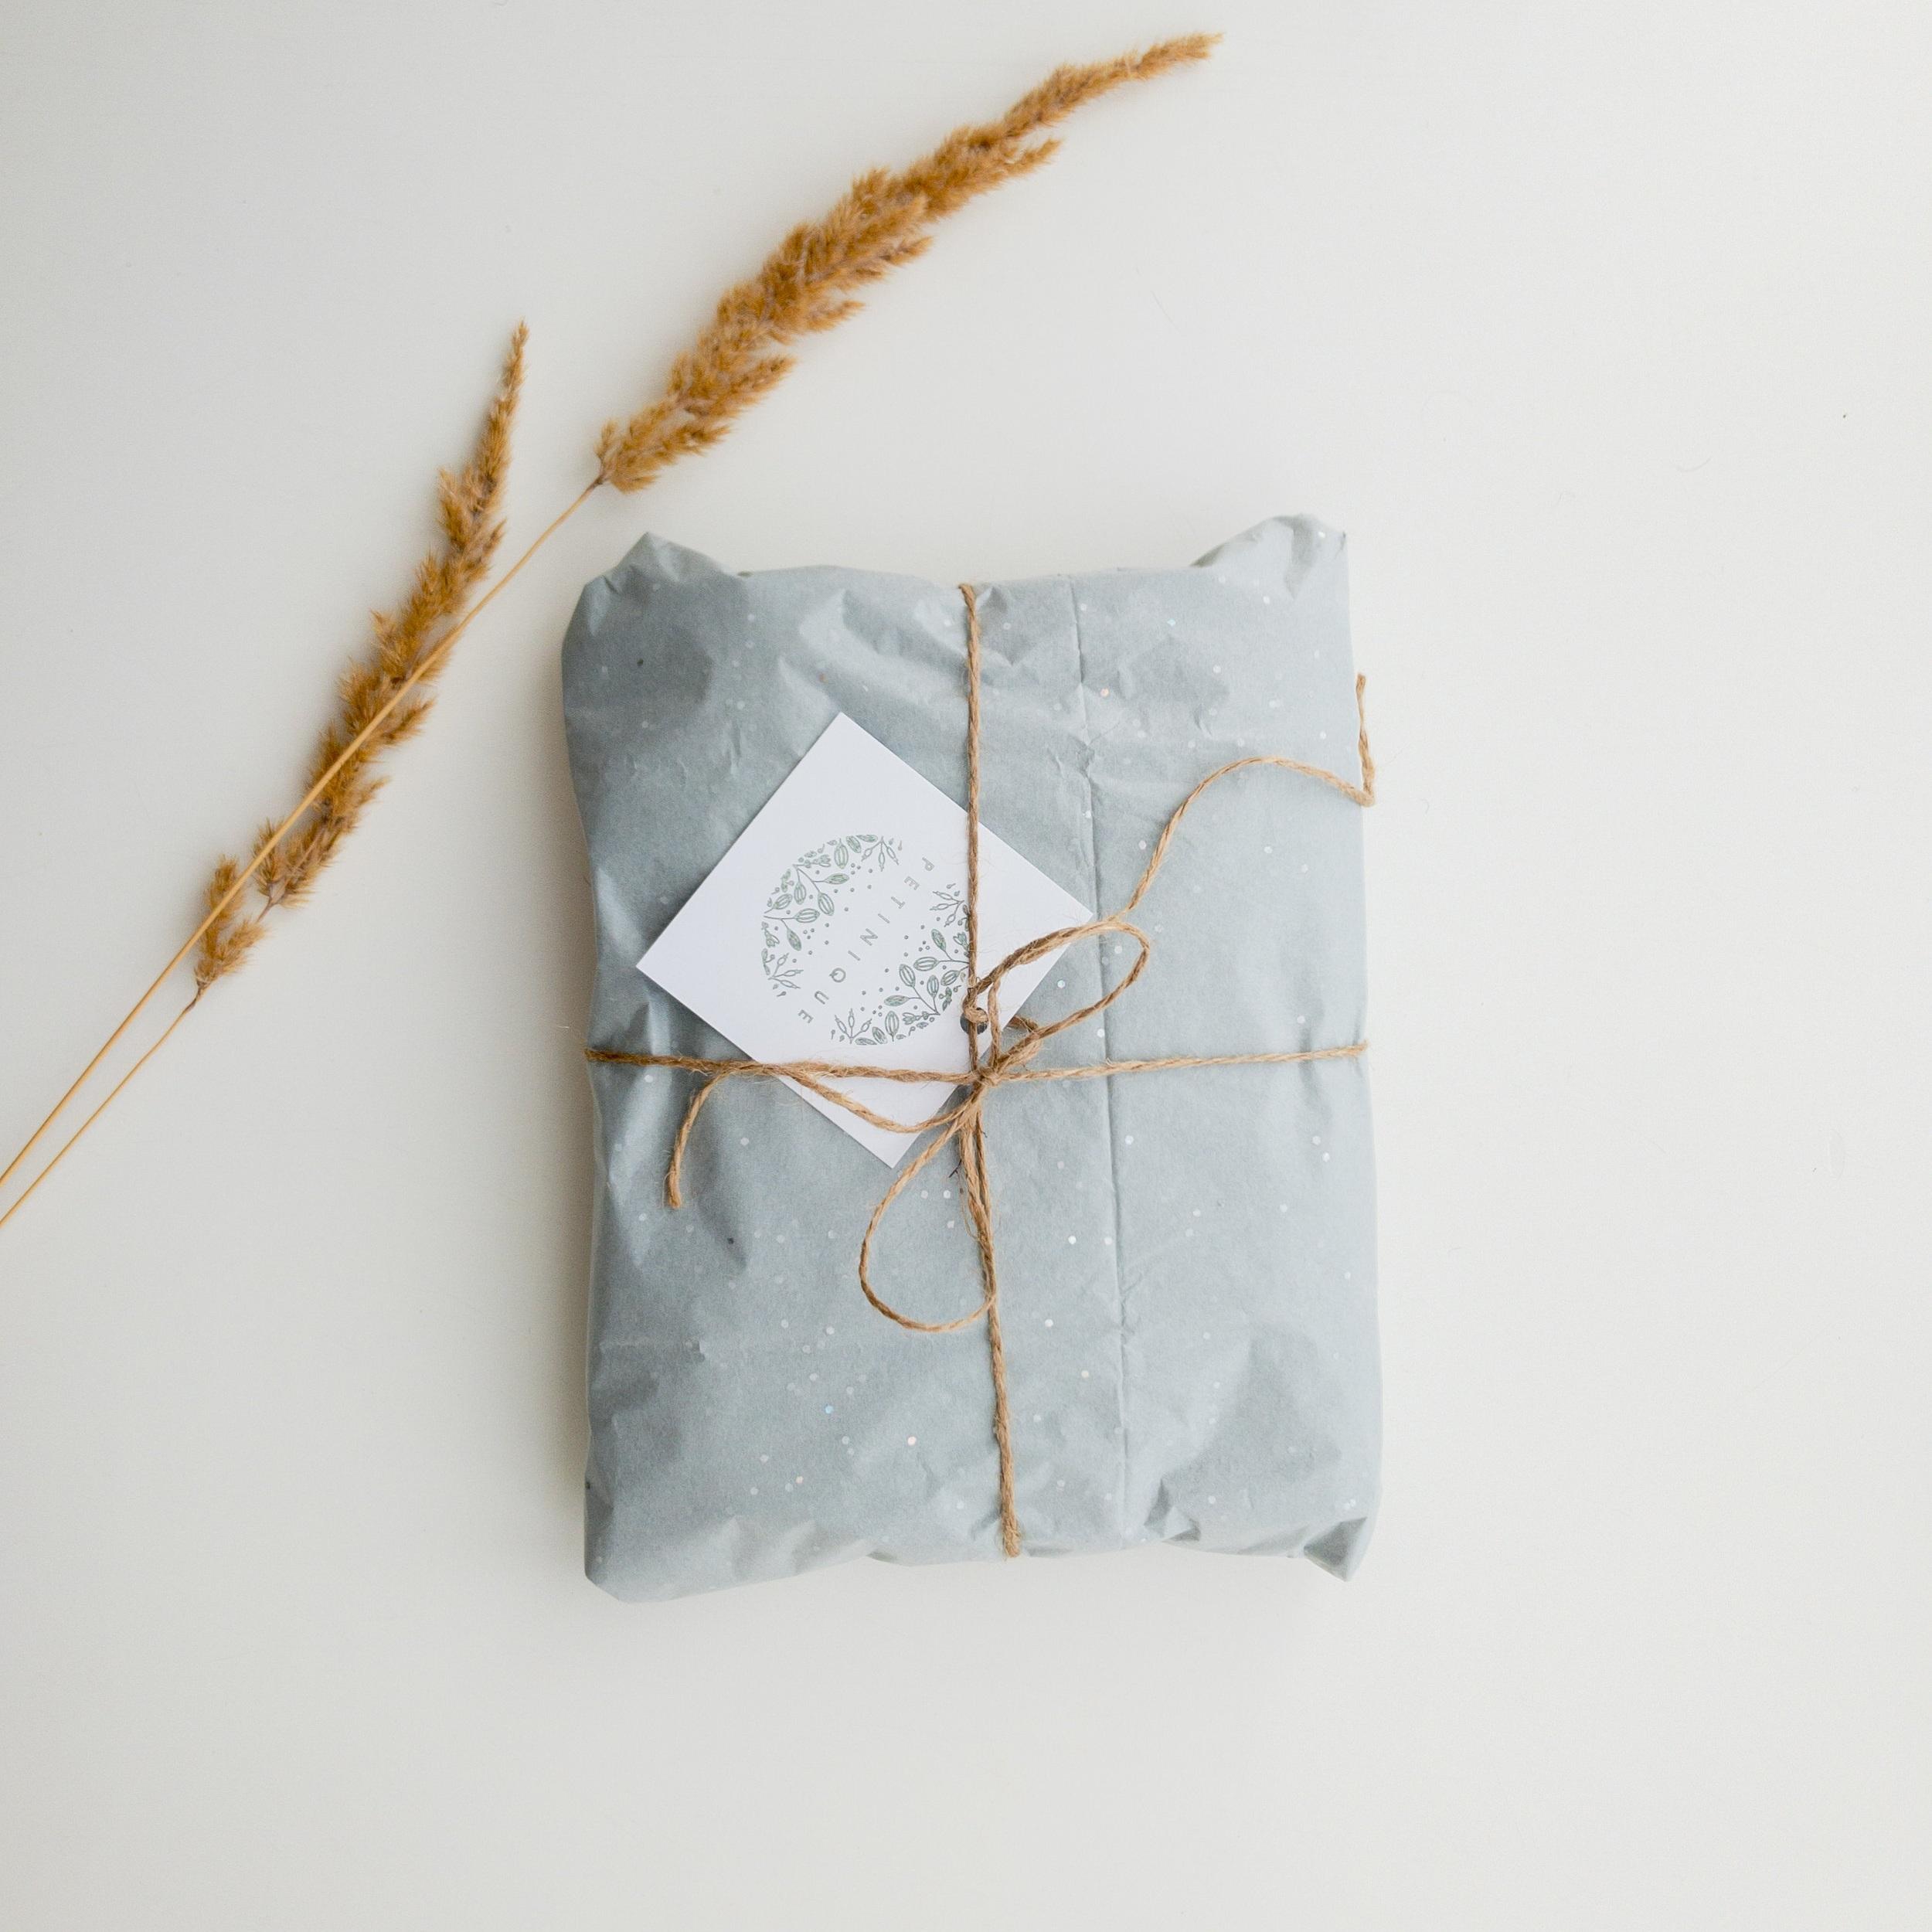 Kuratierte Geschenke - Besondere Geschenke sind meine Leidenschaft. Geschenke haben die Kraft, Freude zu schenken, Menschen zu verbünden und Beziehungen zu verändern. Ich suche mit viel Feingefühl Produkte aus, die eine Geschichte erzählen und einen Sinn erfüllen, für den, der schenkt und für den Beschenkten. Du kannst bei mir Geschenke oder Geschenkboxen bestellen, die jegliche Ereignisse des Lebens und Arbeitens feiern - von Geburtstagen über Hochzeiten bis zu Unternehmensfeiern.Mehr dazu